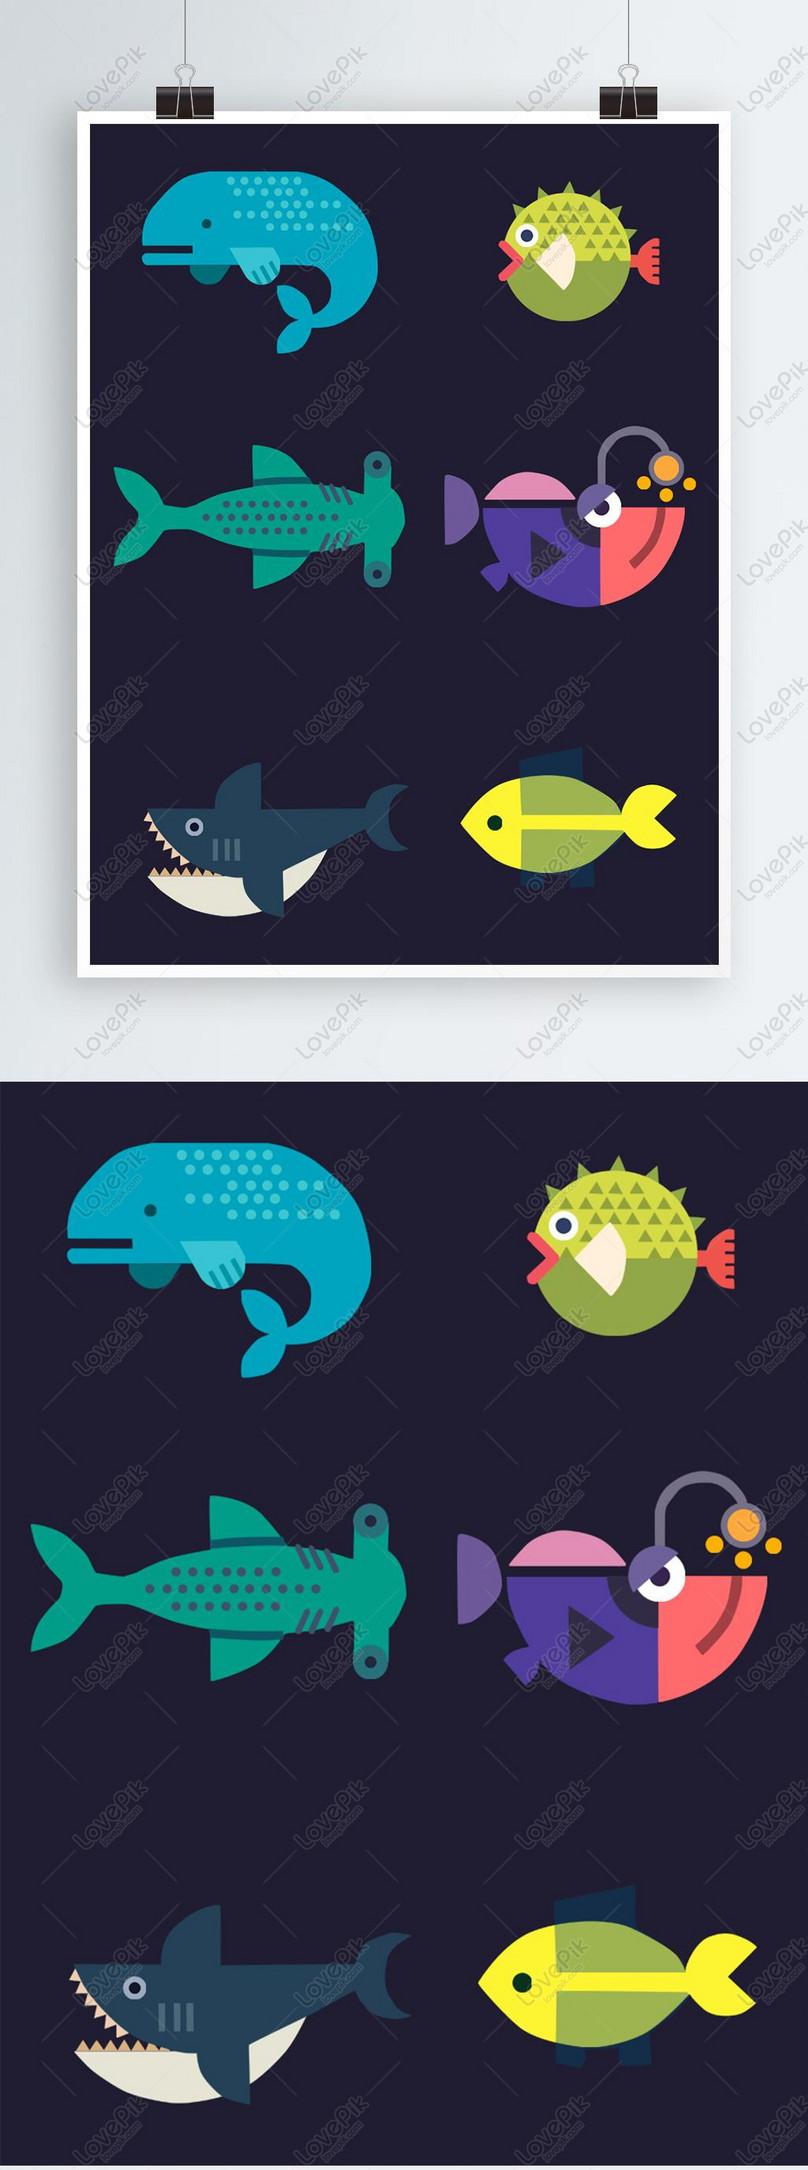 Unsur Corak Kartun Ikan Bawah Laut Hd Gambar Unduh